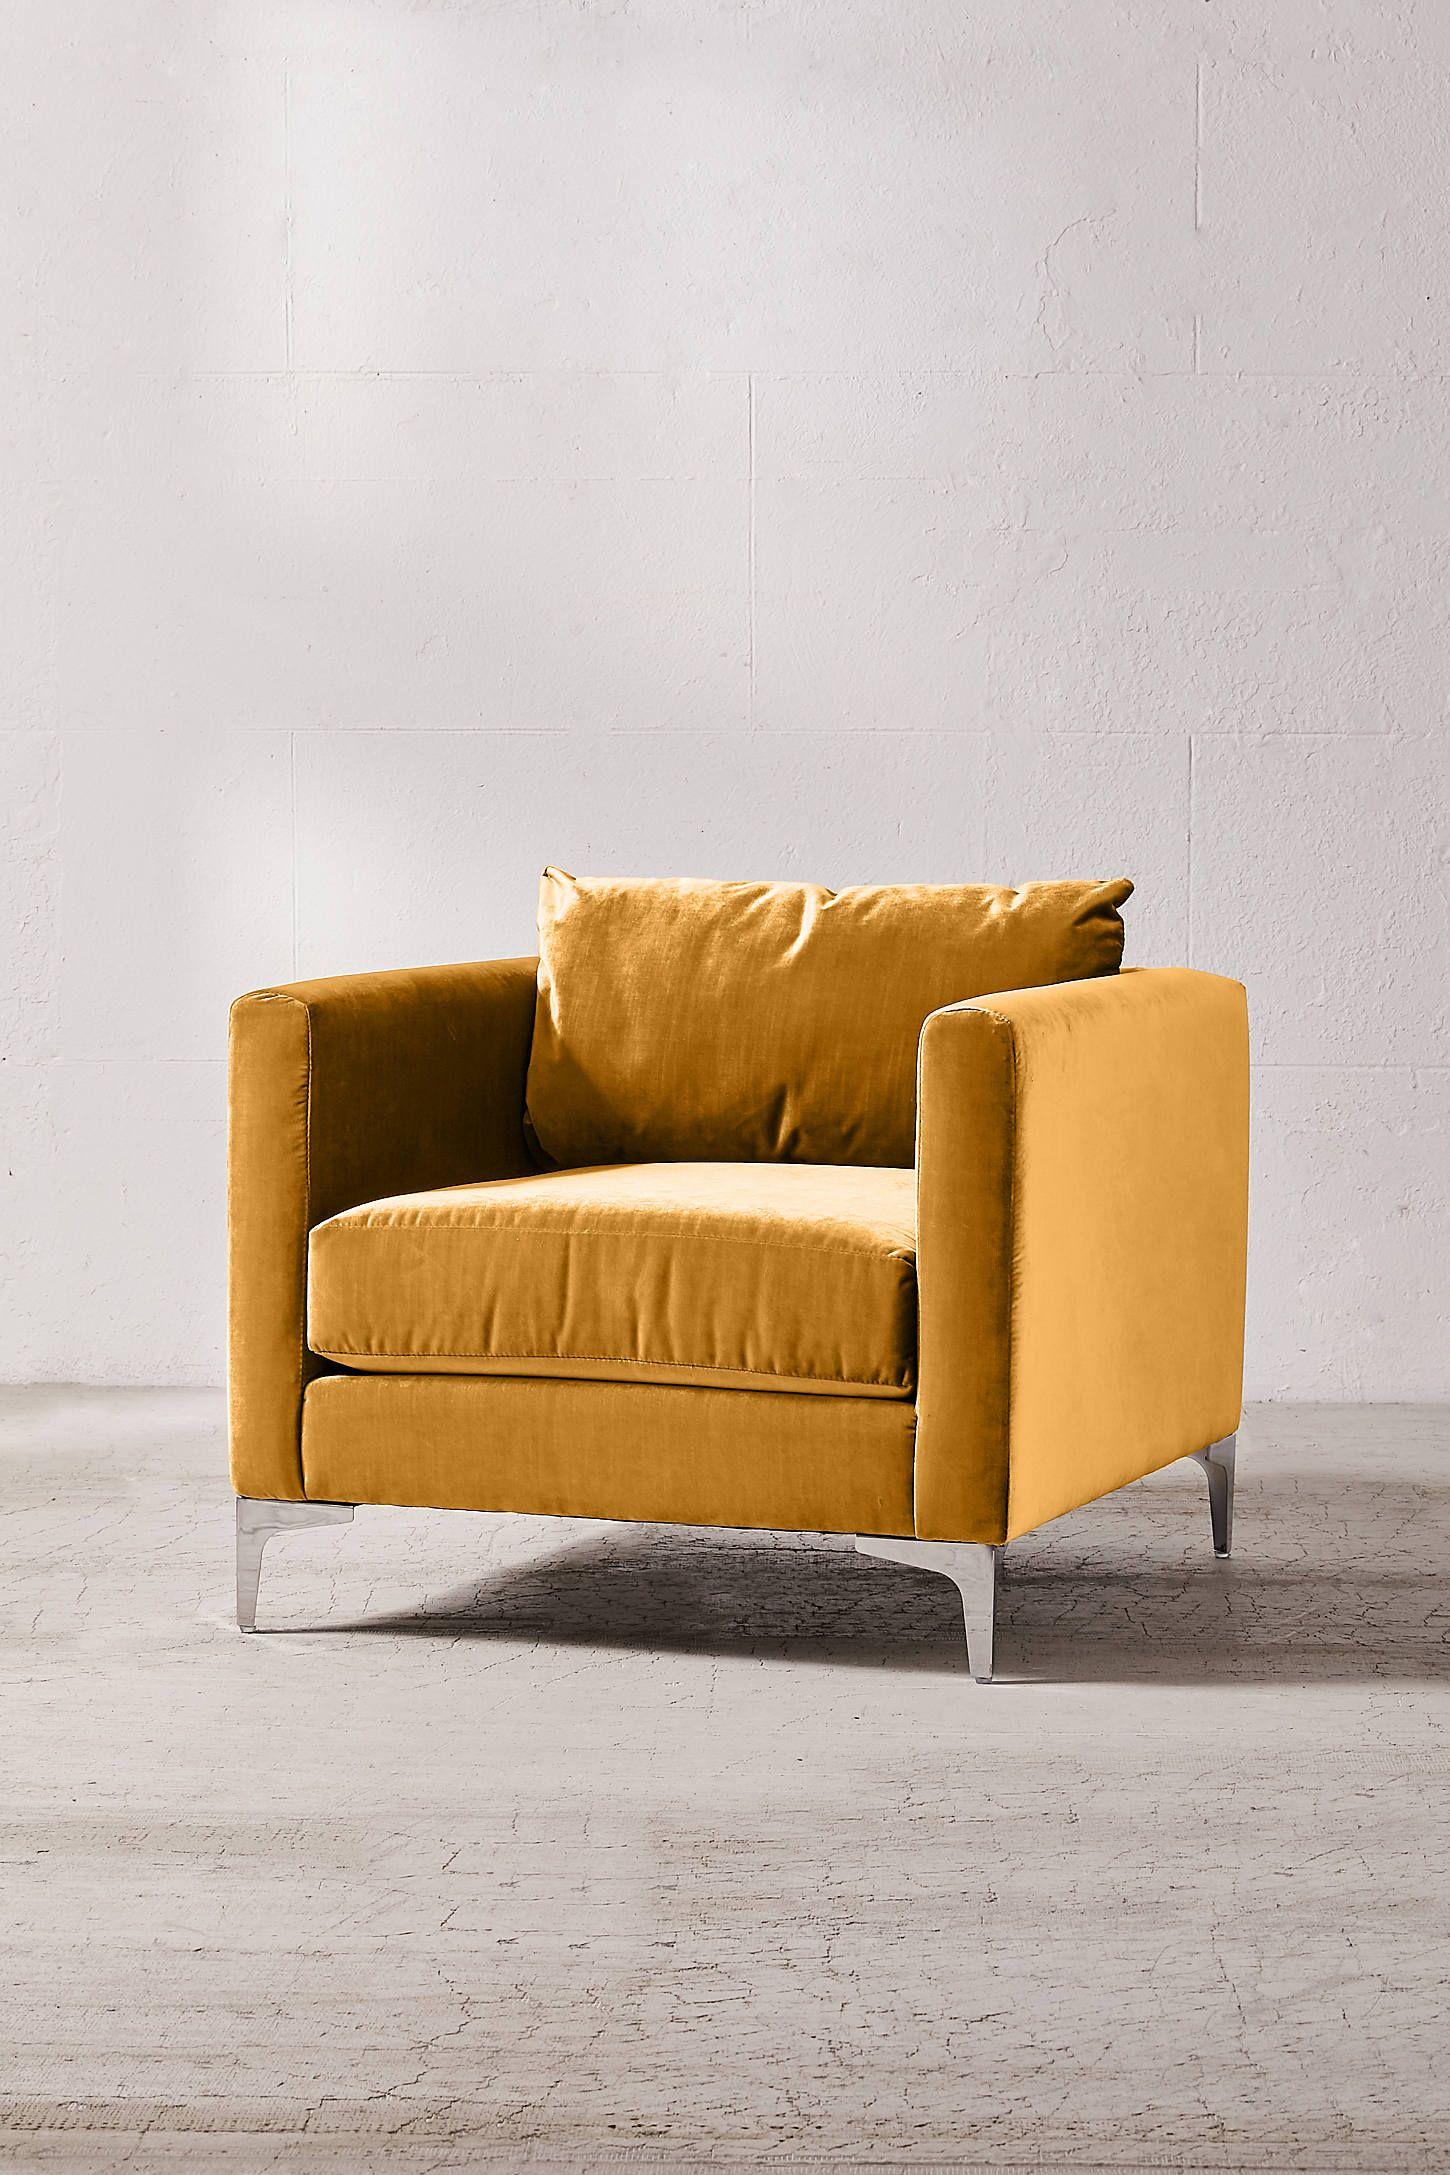 Chamberlin velvet chair in 2021 velvet chair chair